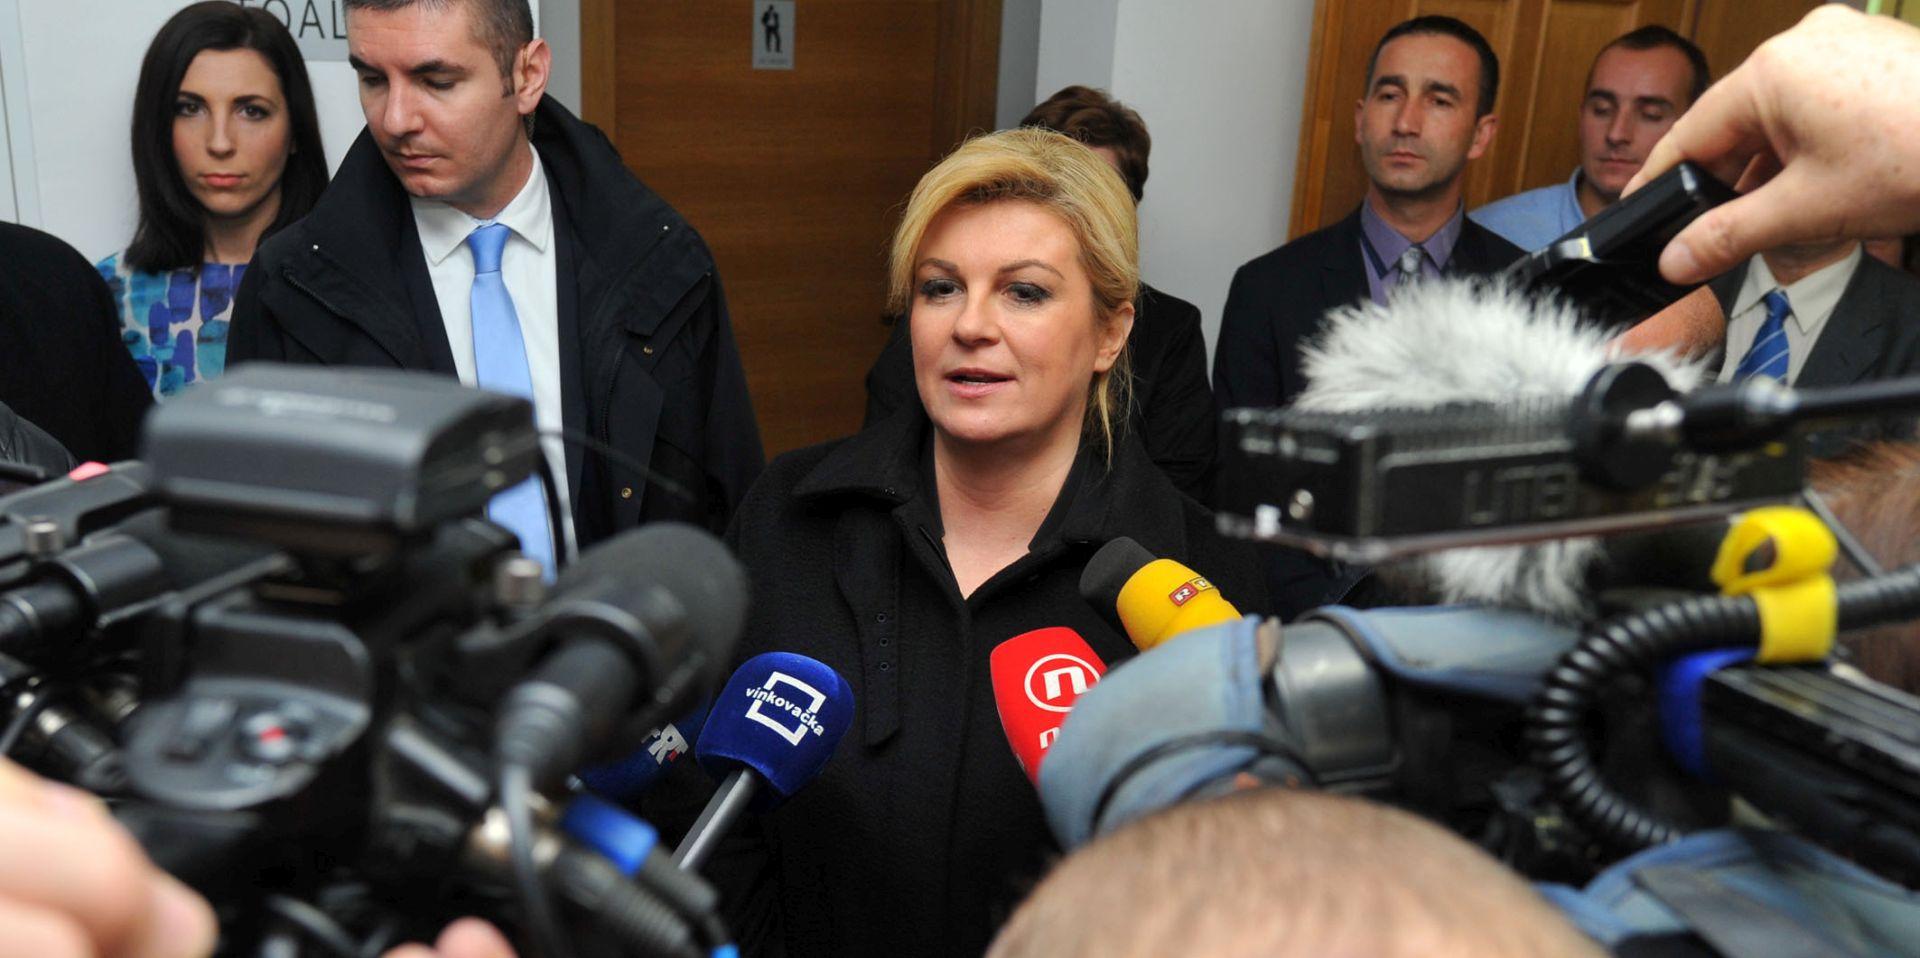 Grabar-Kitarović: Povjerenstvo je prekoračilo ovlasti i ušlo u sferu političkog arbitriranja